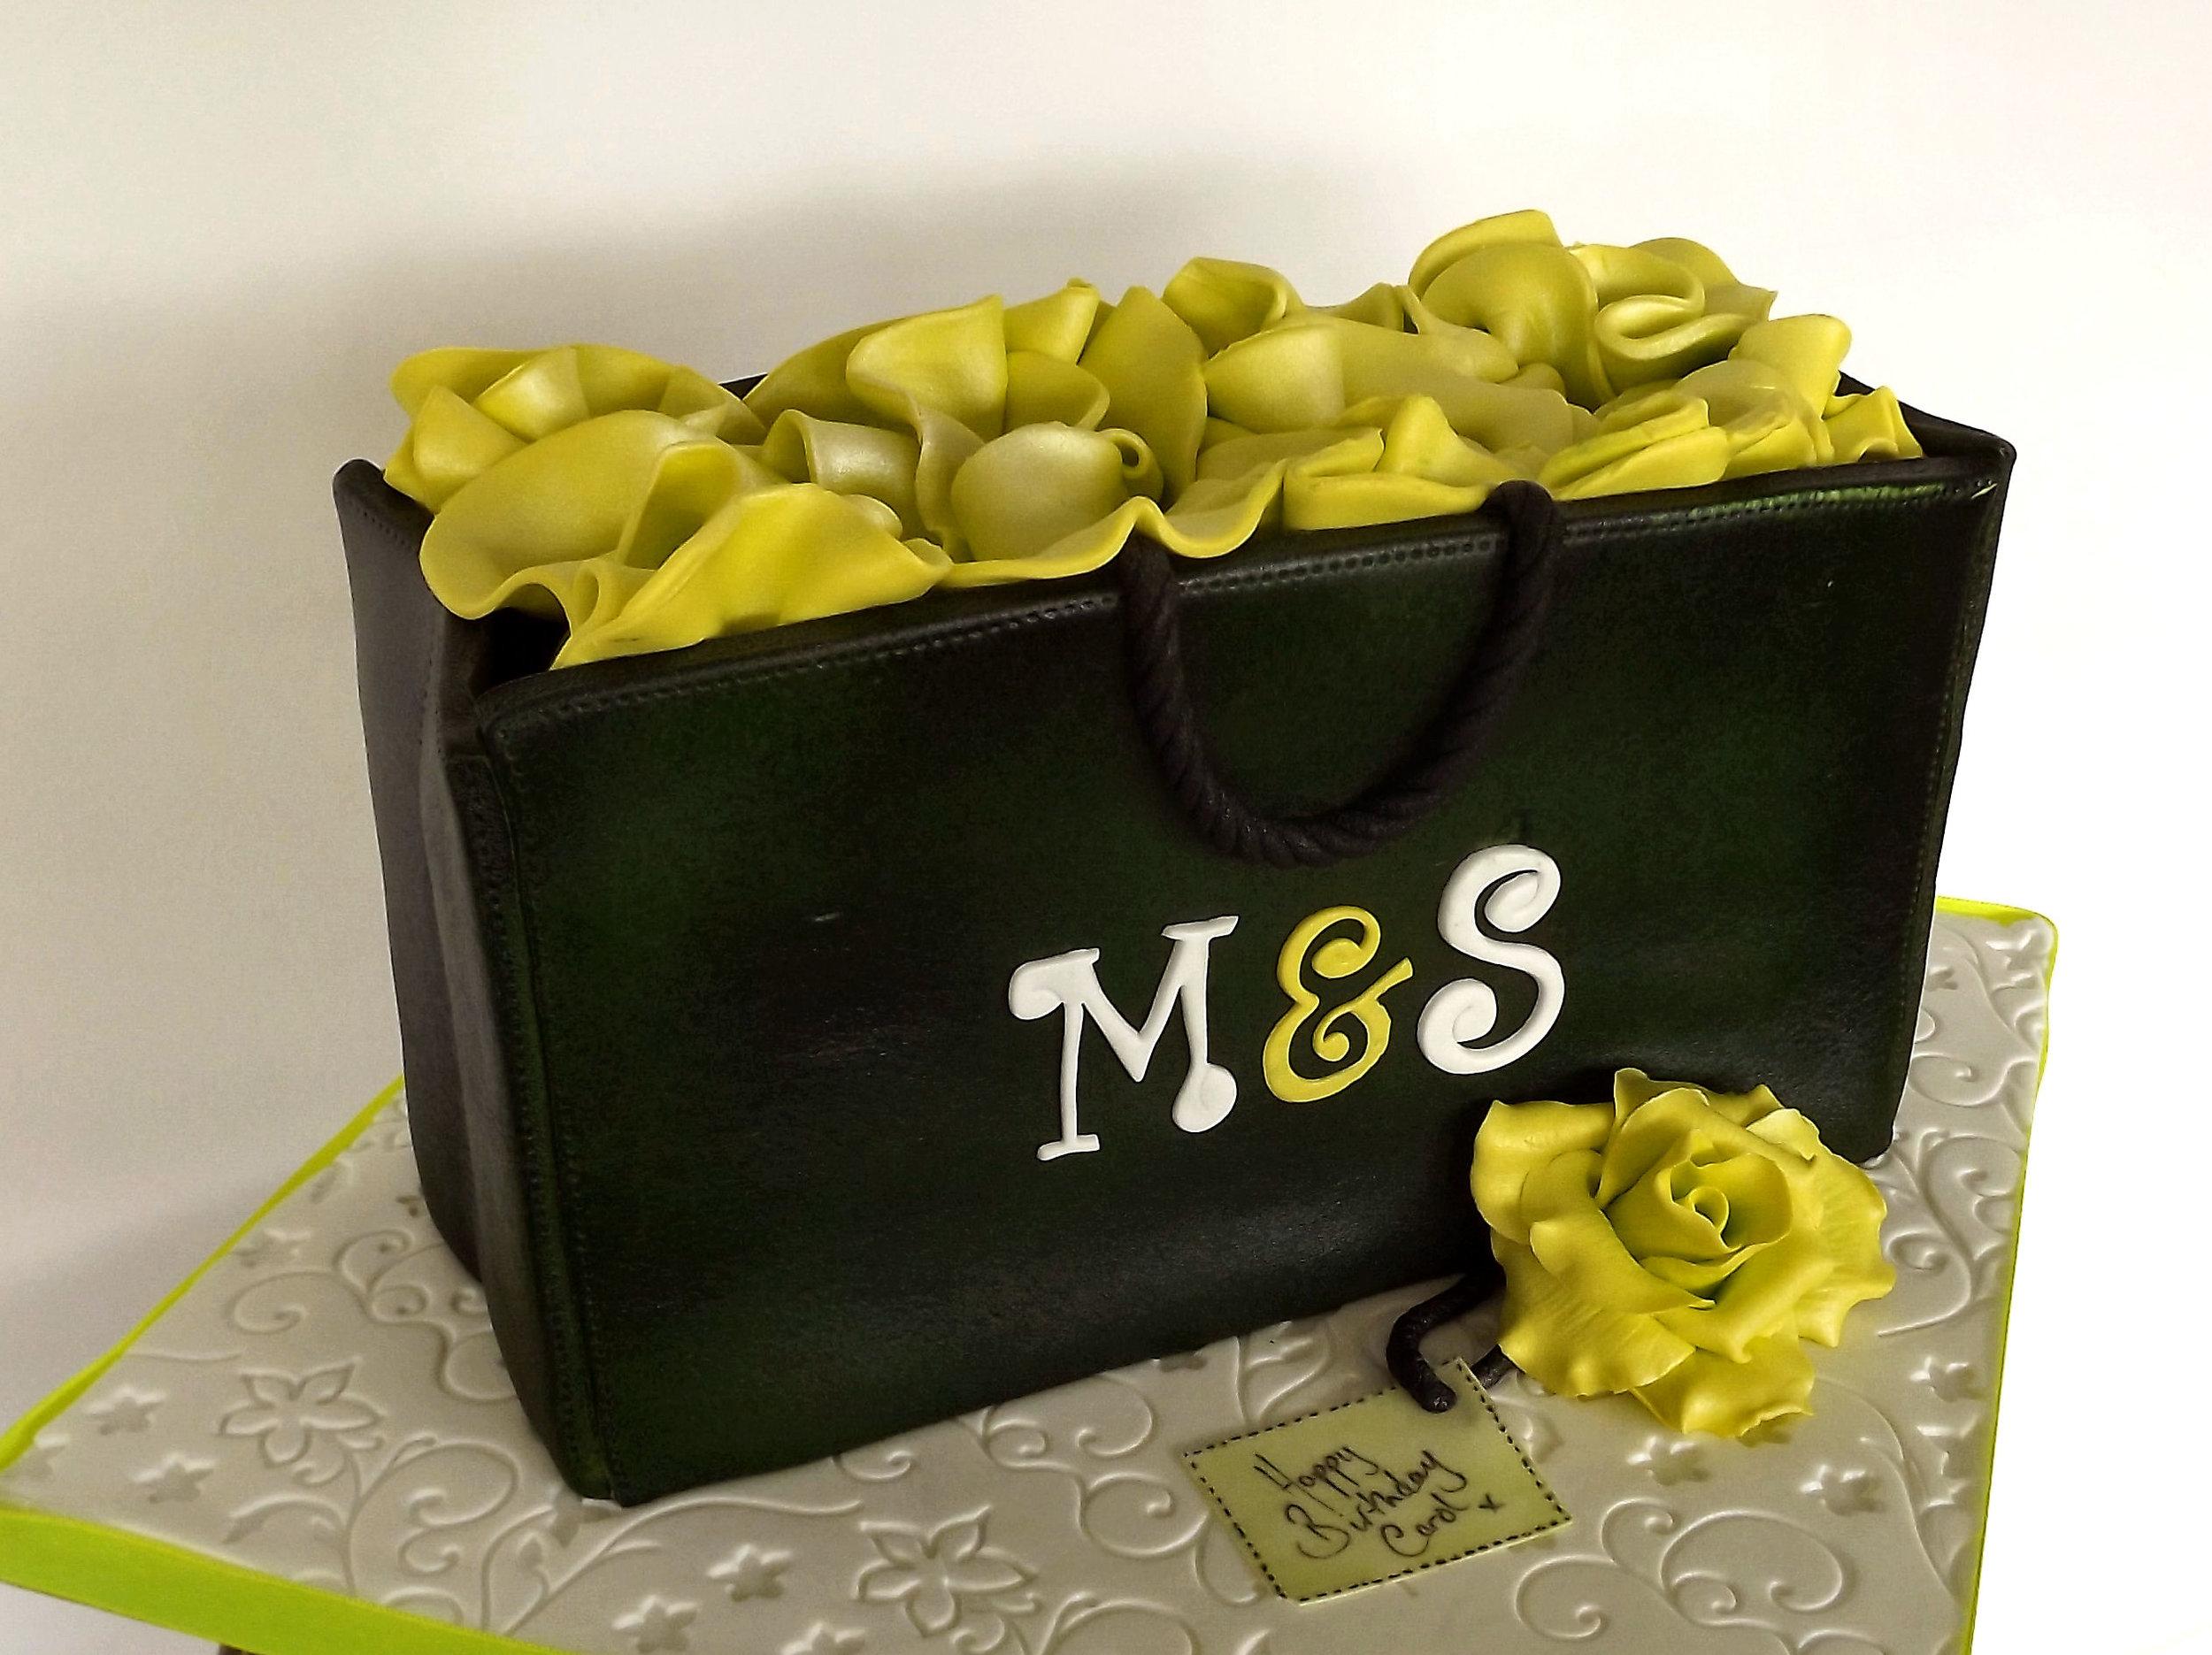 Marks & spencer bag.jpg